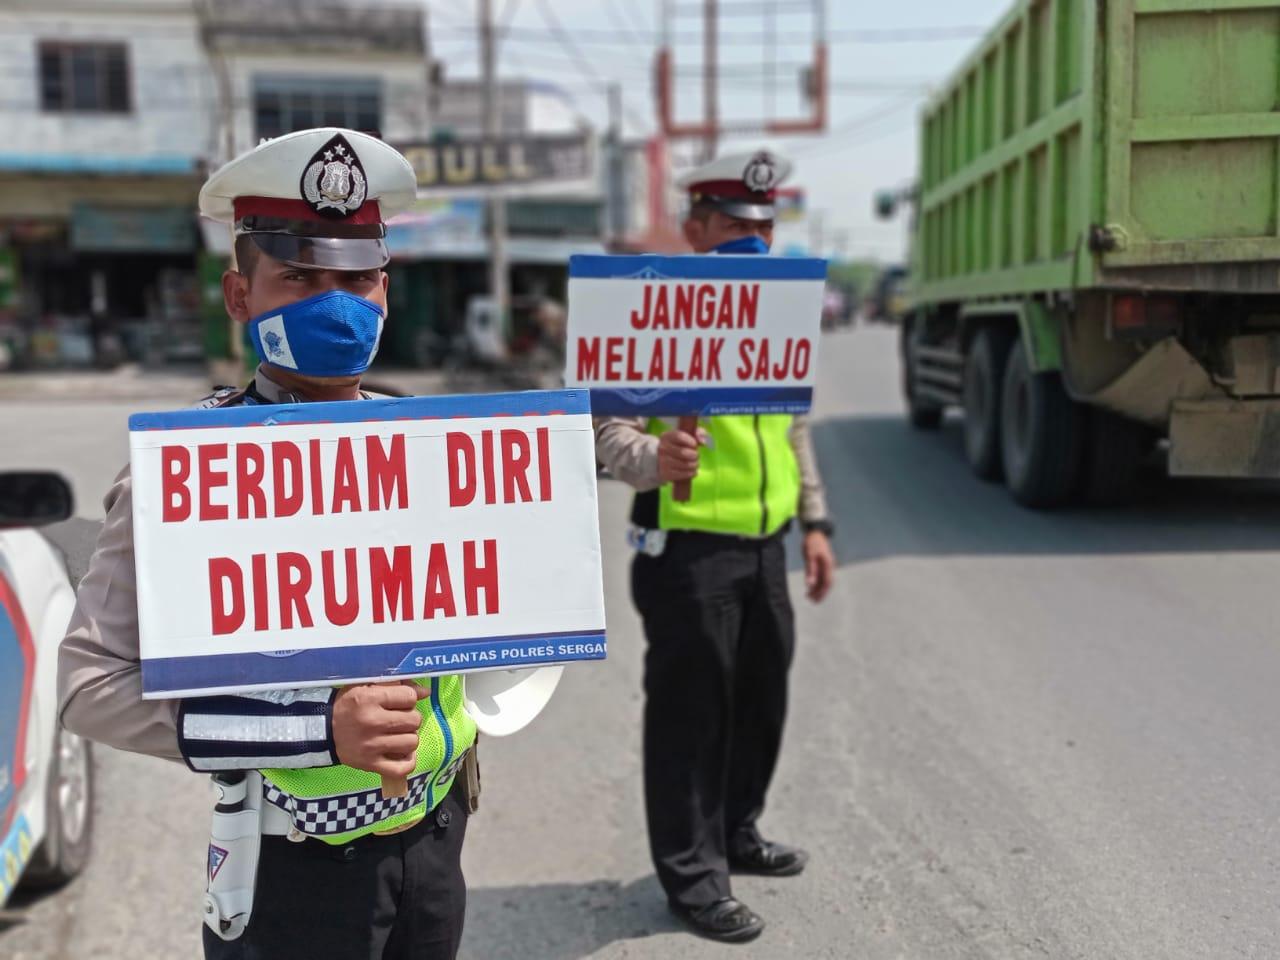 Cegah Wabah Virus Corona, Satlantas Polres Sergai laksanakan Public Addres gunakan Papan Himbauan Banner